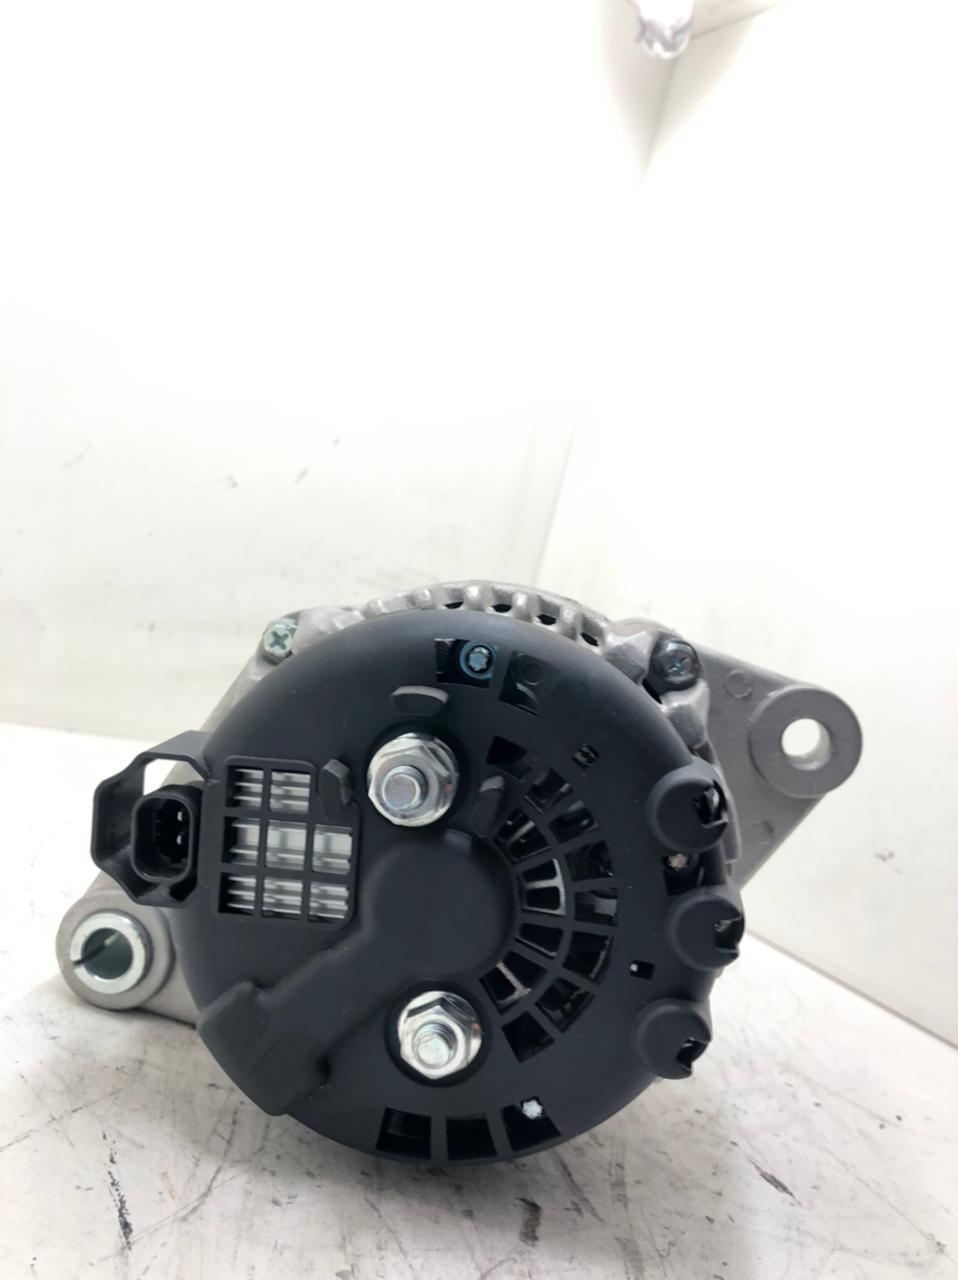 Alternador S10 FLEX 2.2 2.4 2012 em diante DELPHI 14V 100A GM 13579661 E 70046 D 10600 AEC21025